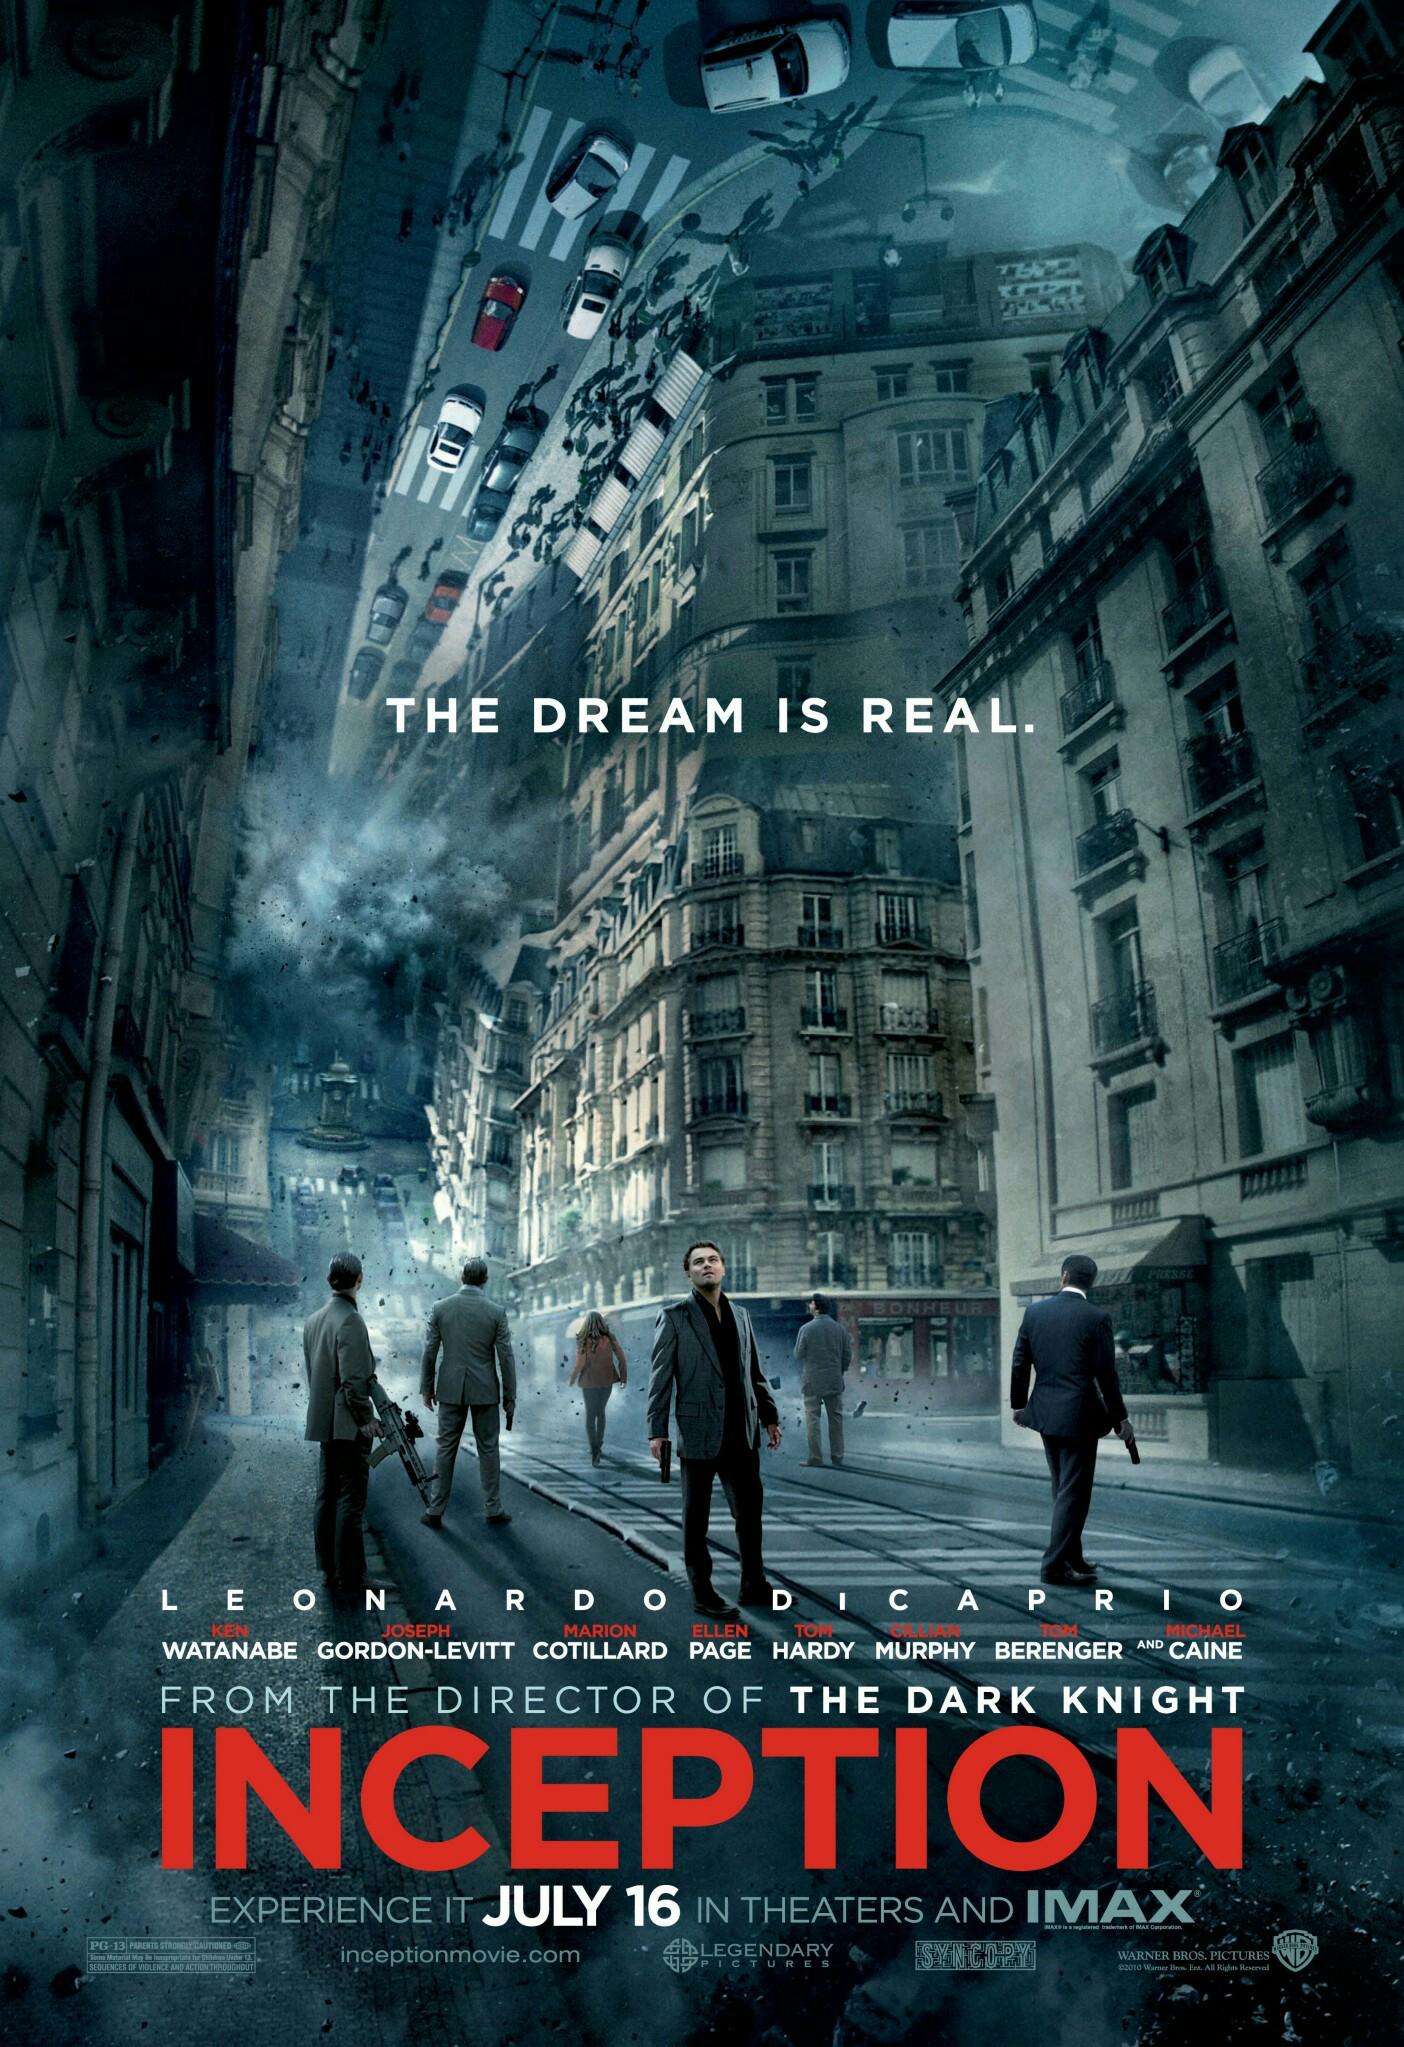 ये फिल्मे है हॉलीवुड की सबसे दमदार एक्शन फिल्मे, तीसरी फिल्म को ज़रूर देखे